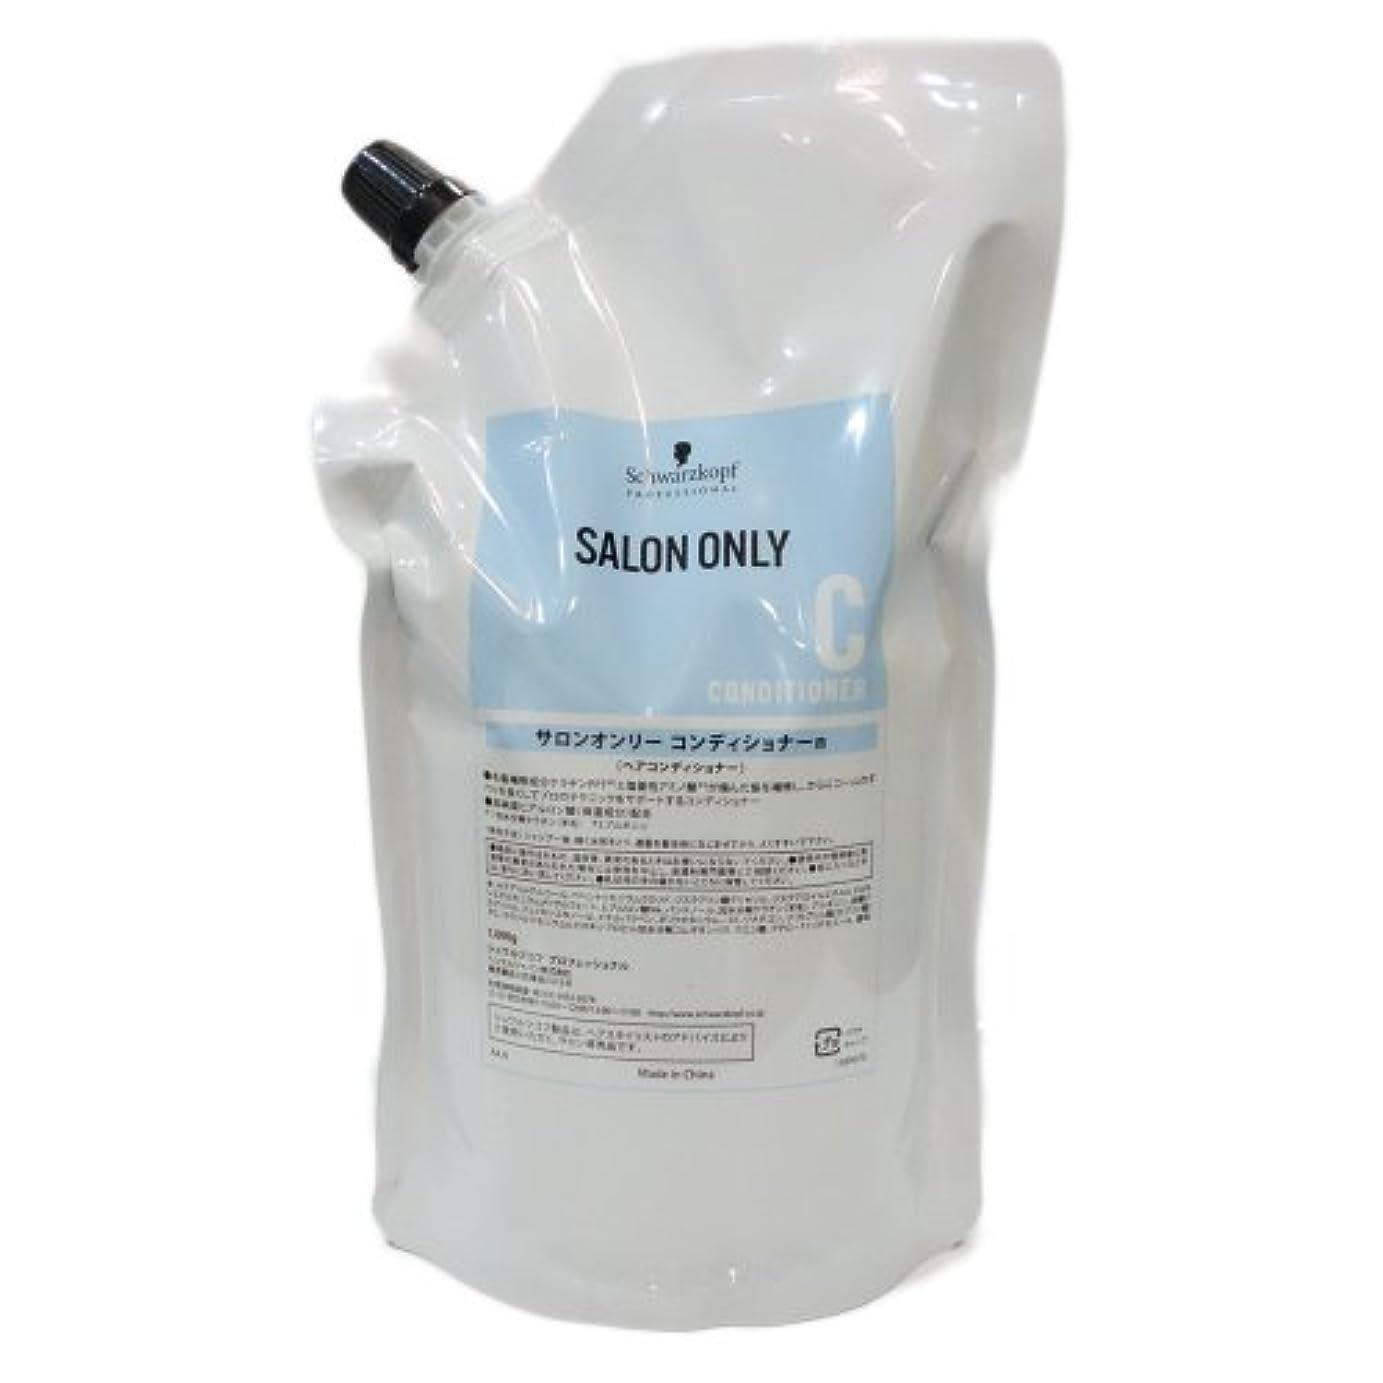 加入毒液とげシュワルツコフ サロンオンリーコンディショナーn 1000g パウチ 詰め替え用